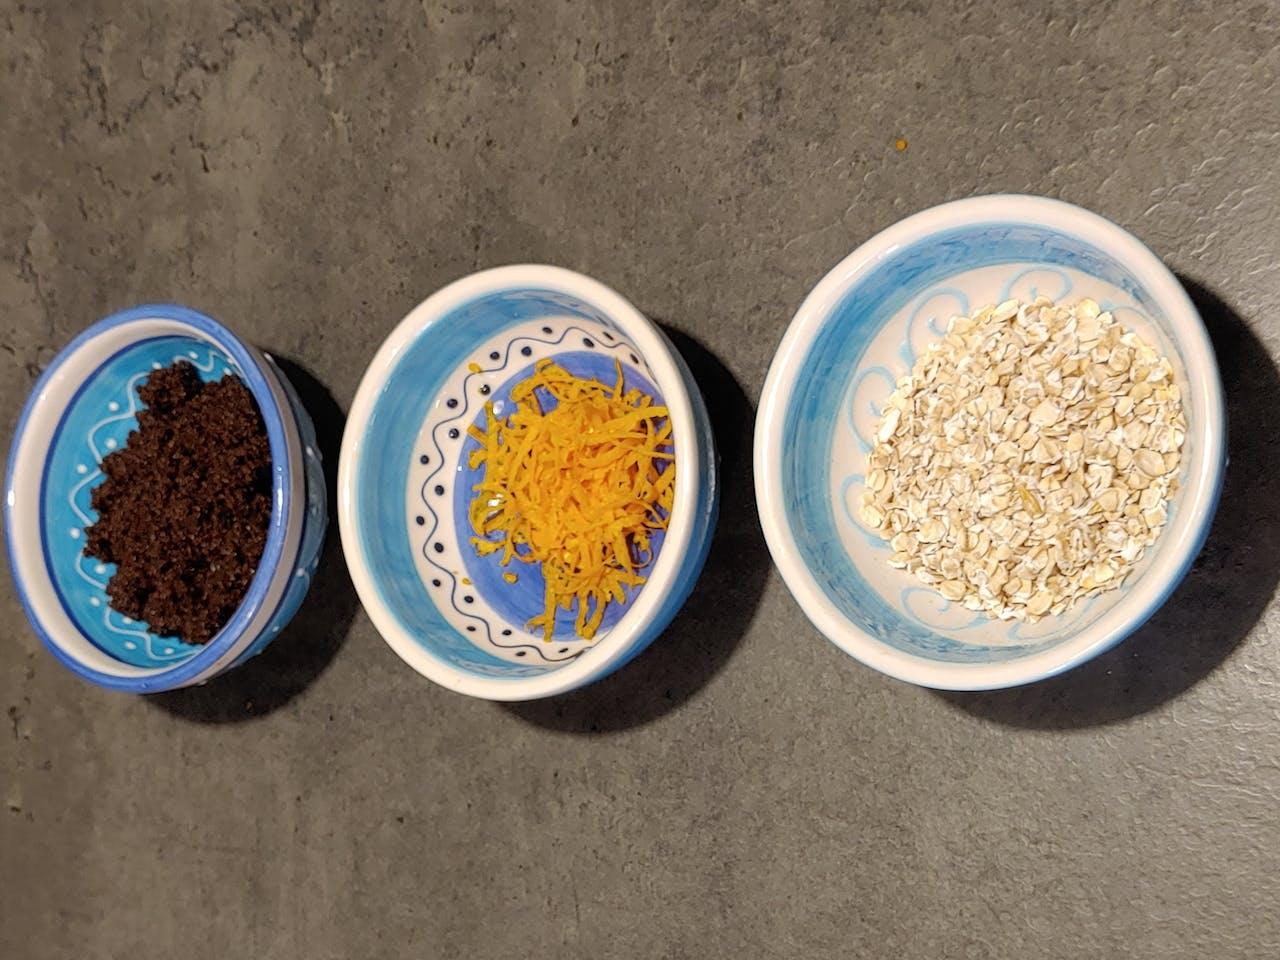 Seife selber machen: Seife mit Kafee, Orangenschalen und Haferflocken